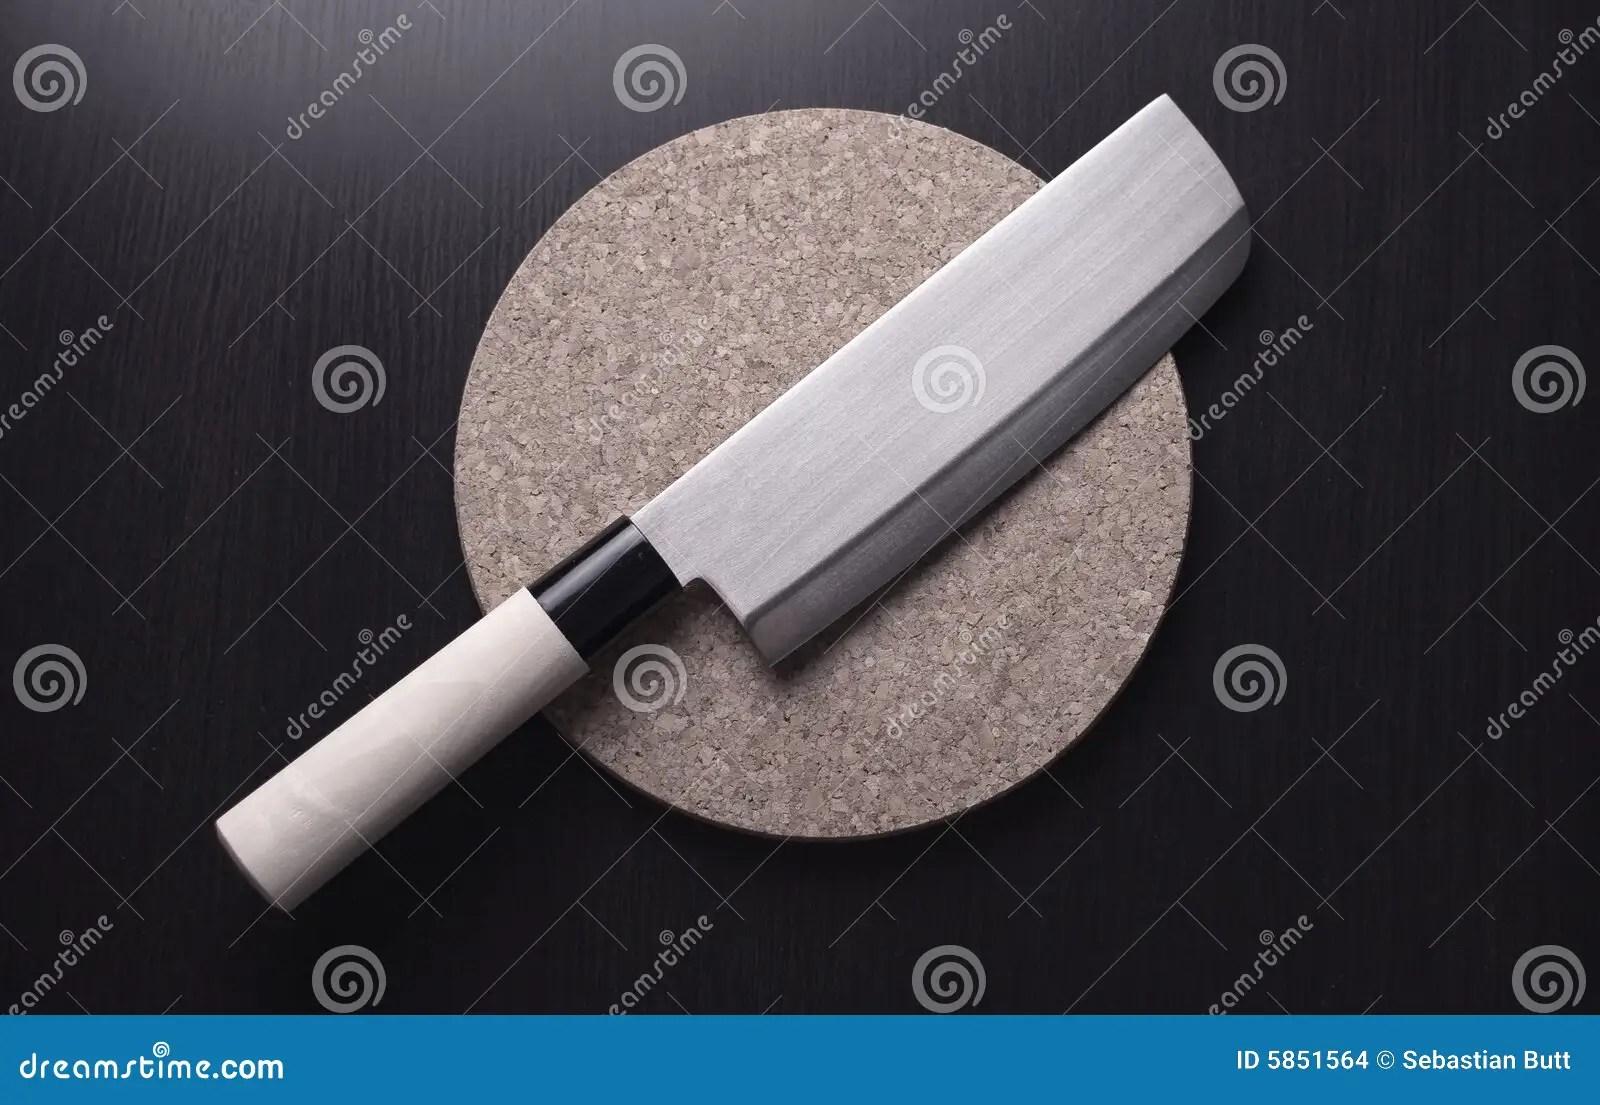 knives kitchen table round 砍肉刀厨房库存照片 图片包括有日语 路径 空白 橡木 工具 剪切 银 砍肉刀厨房